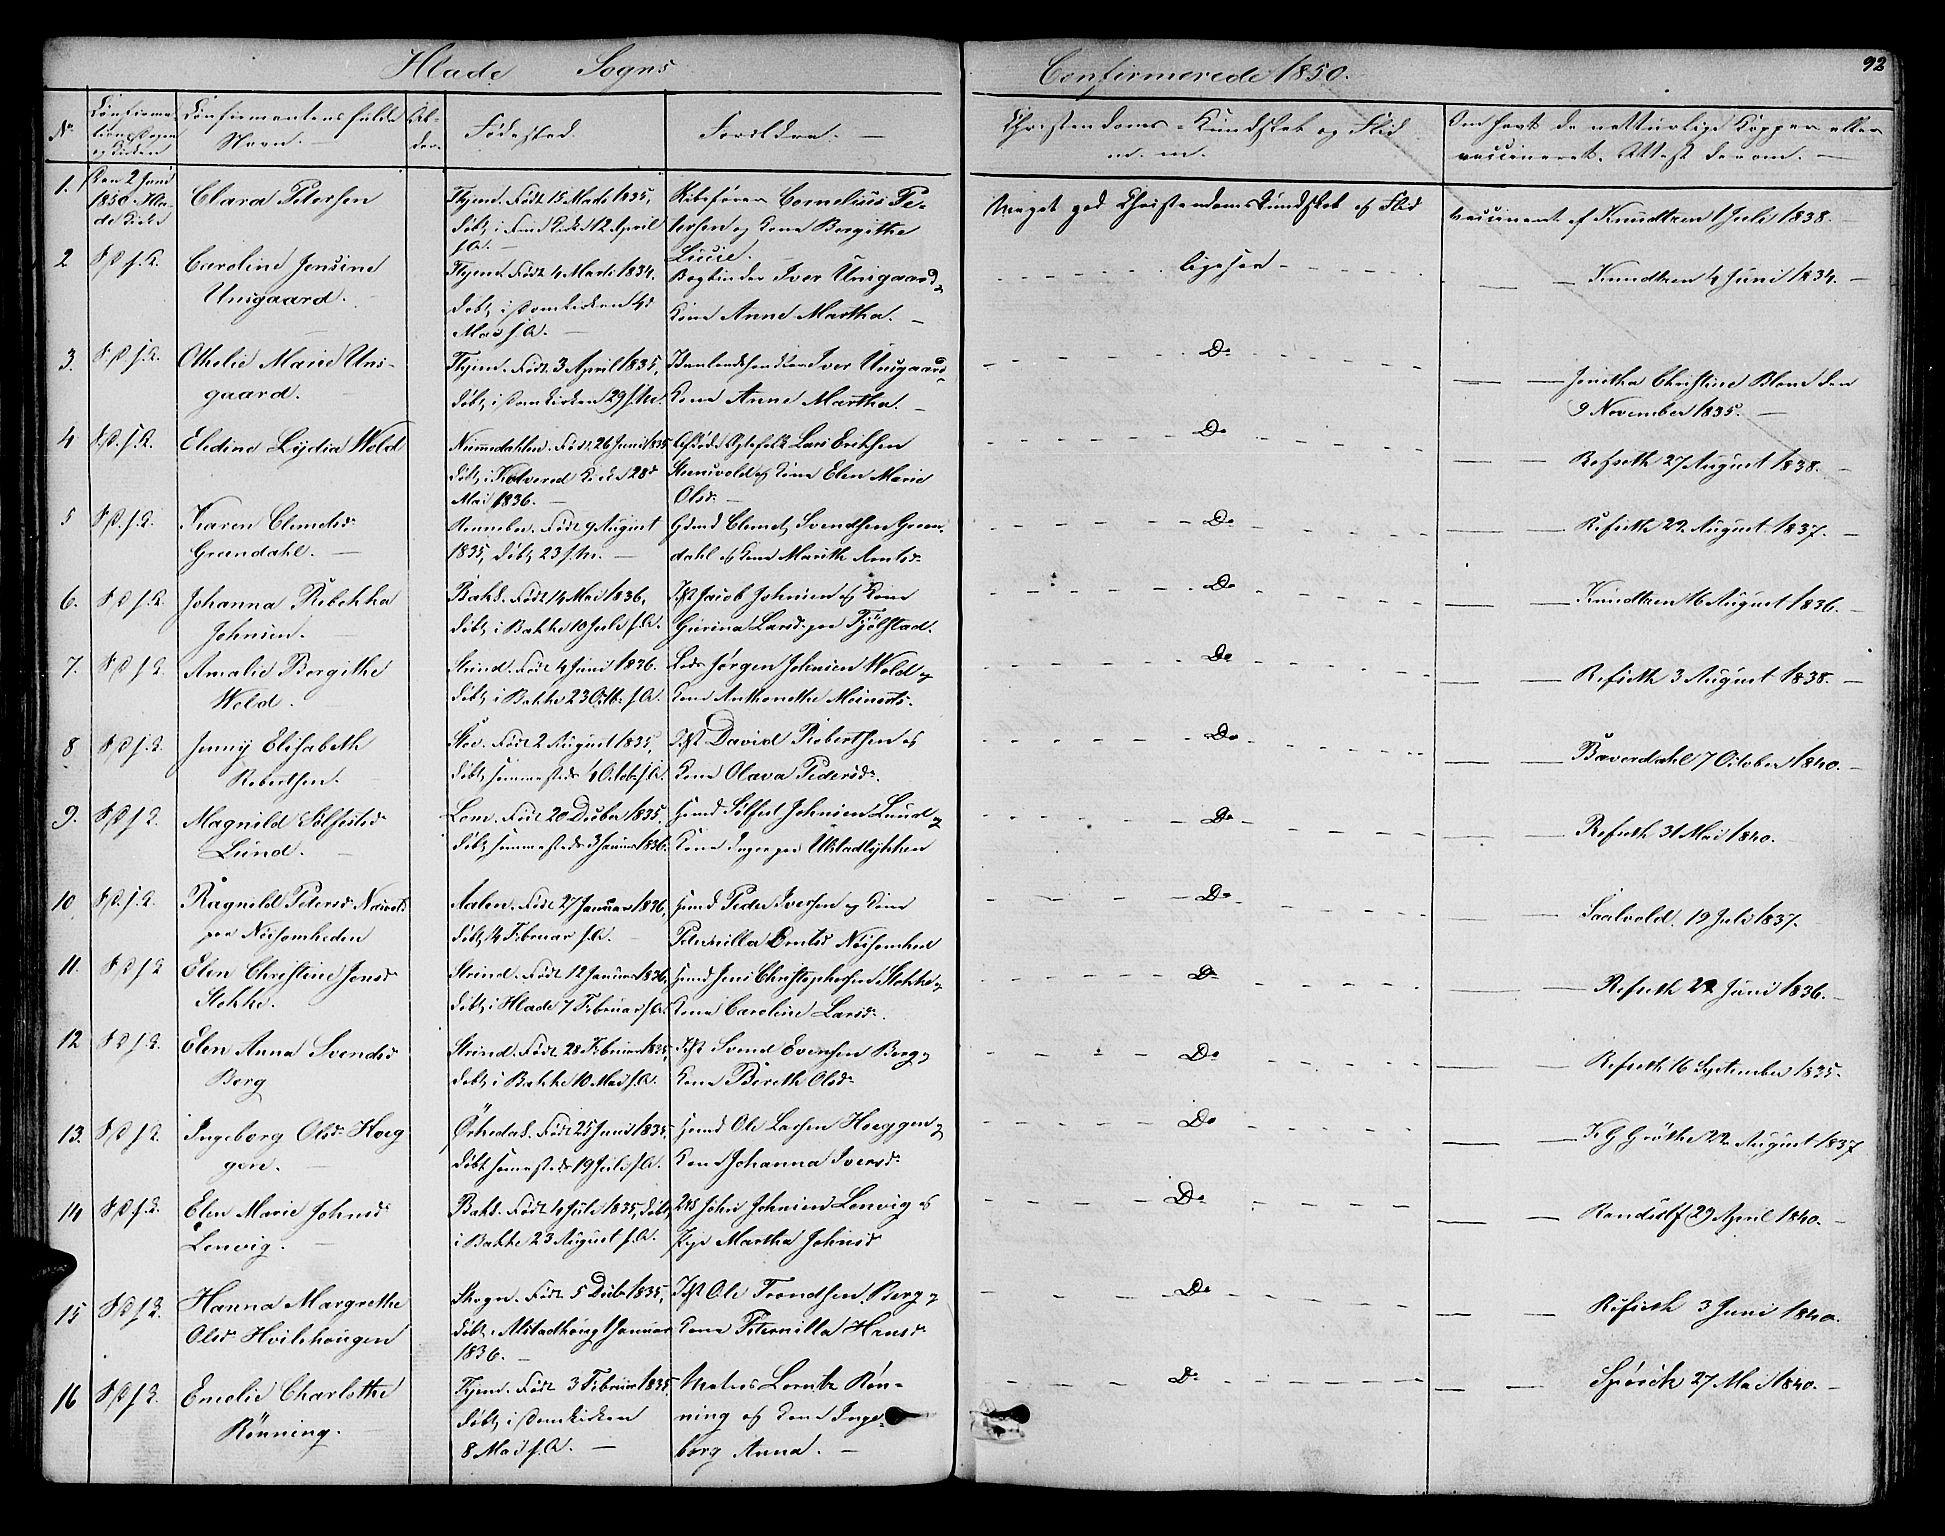 SAT, Ministerialprotokoller, klokkerbøker og fødselsregistre - Sør-Trøndelag, 606/L0310: Klokkerbok nr. 606C06, 1850-1859, s. 92